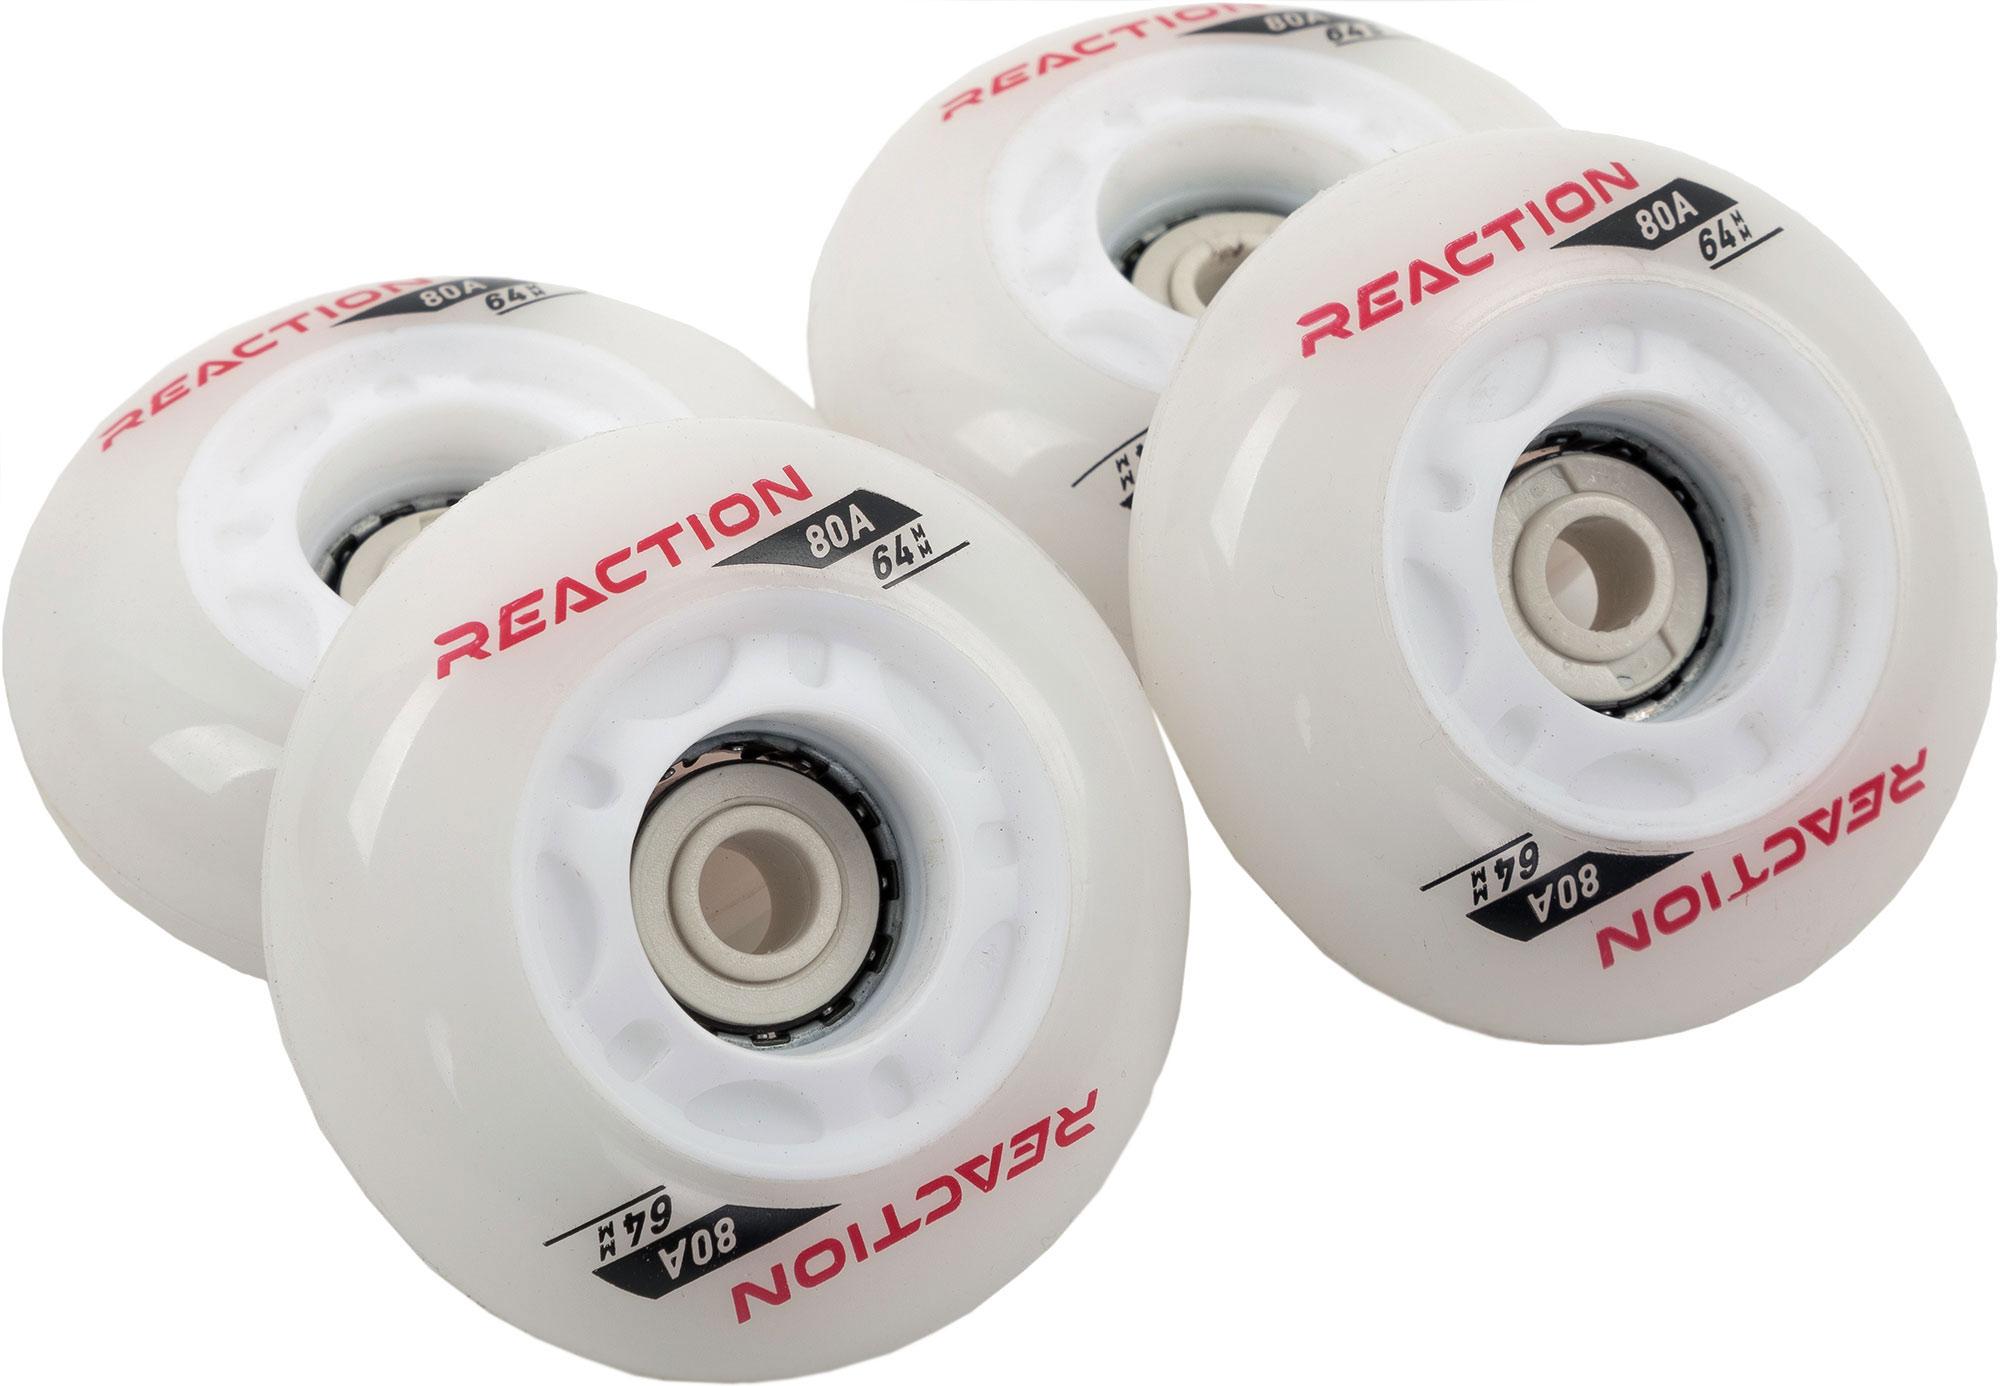 цена Reaction Набор колес для роликов REACTION 64 мм, 80А, 4 шт онлайн в 2017 году